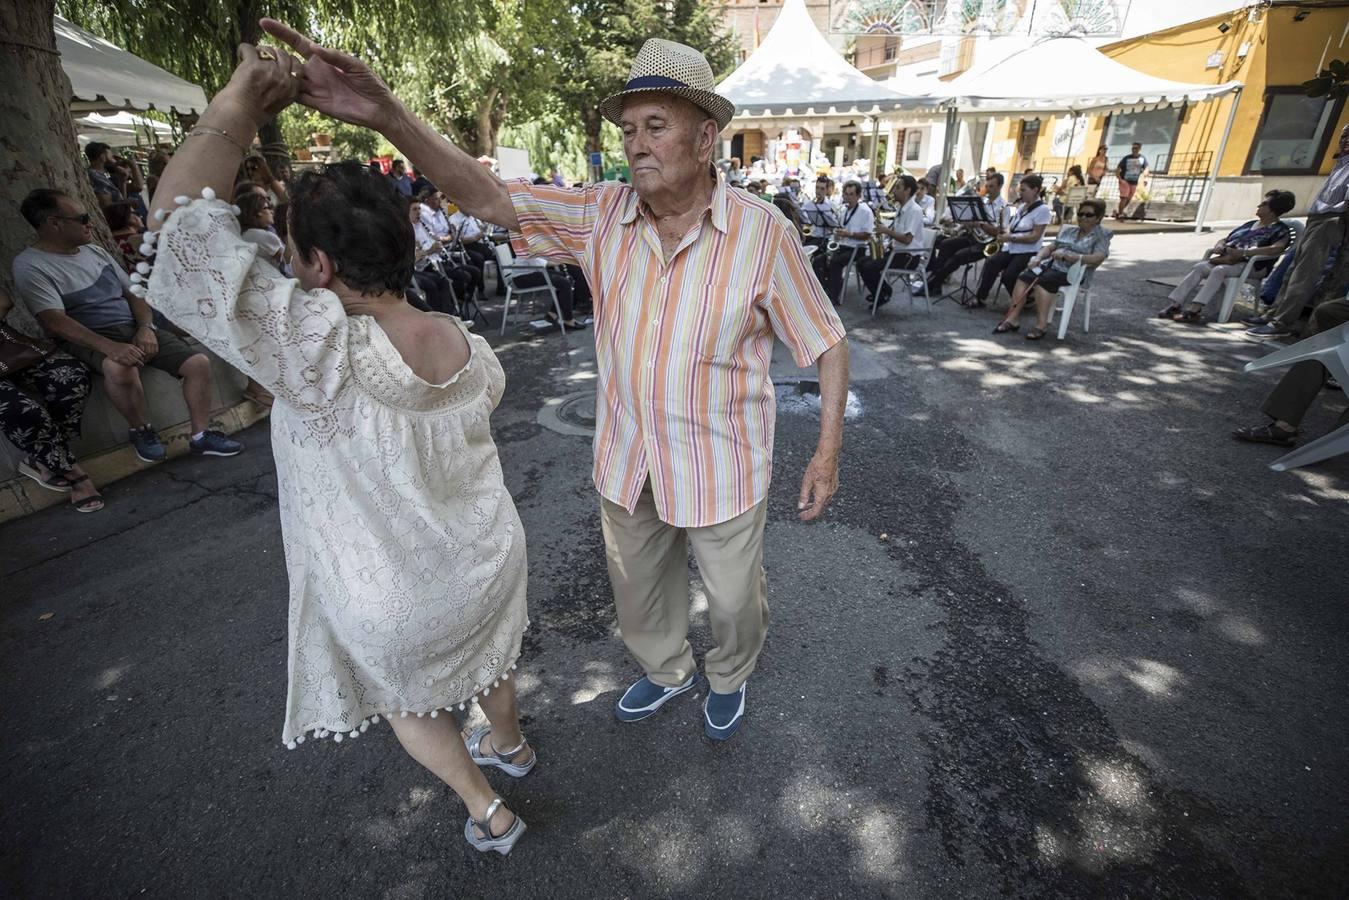 Fiestas de Pinos Genil 2018